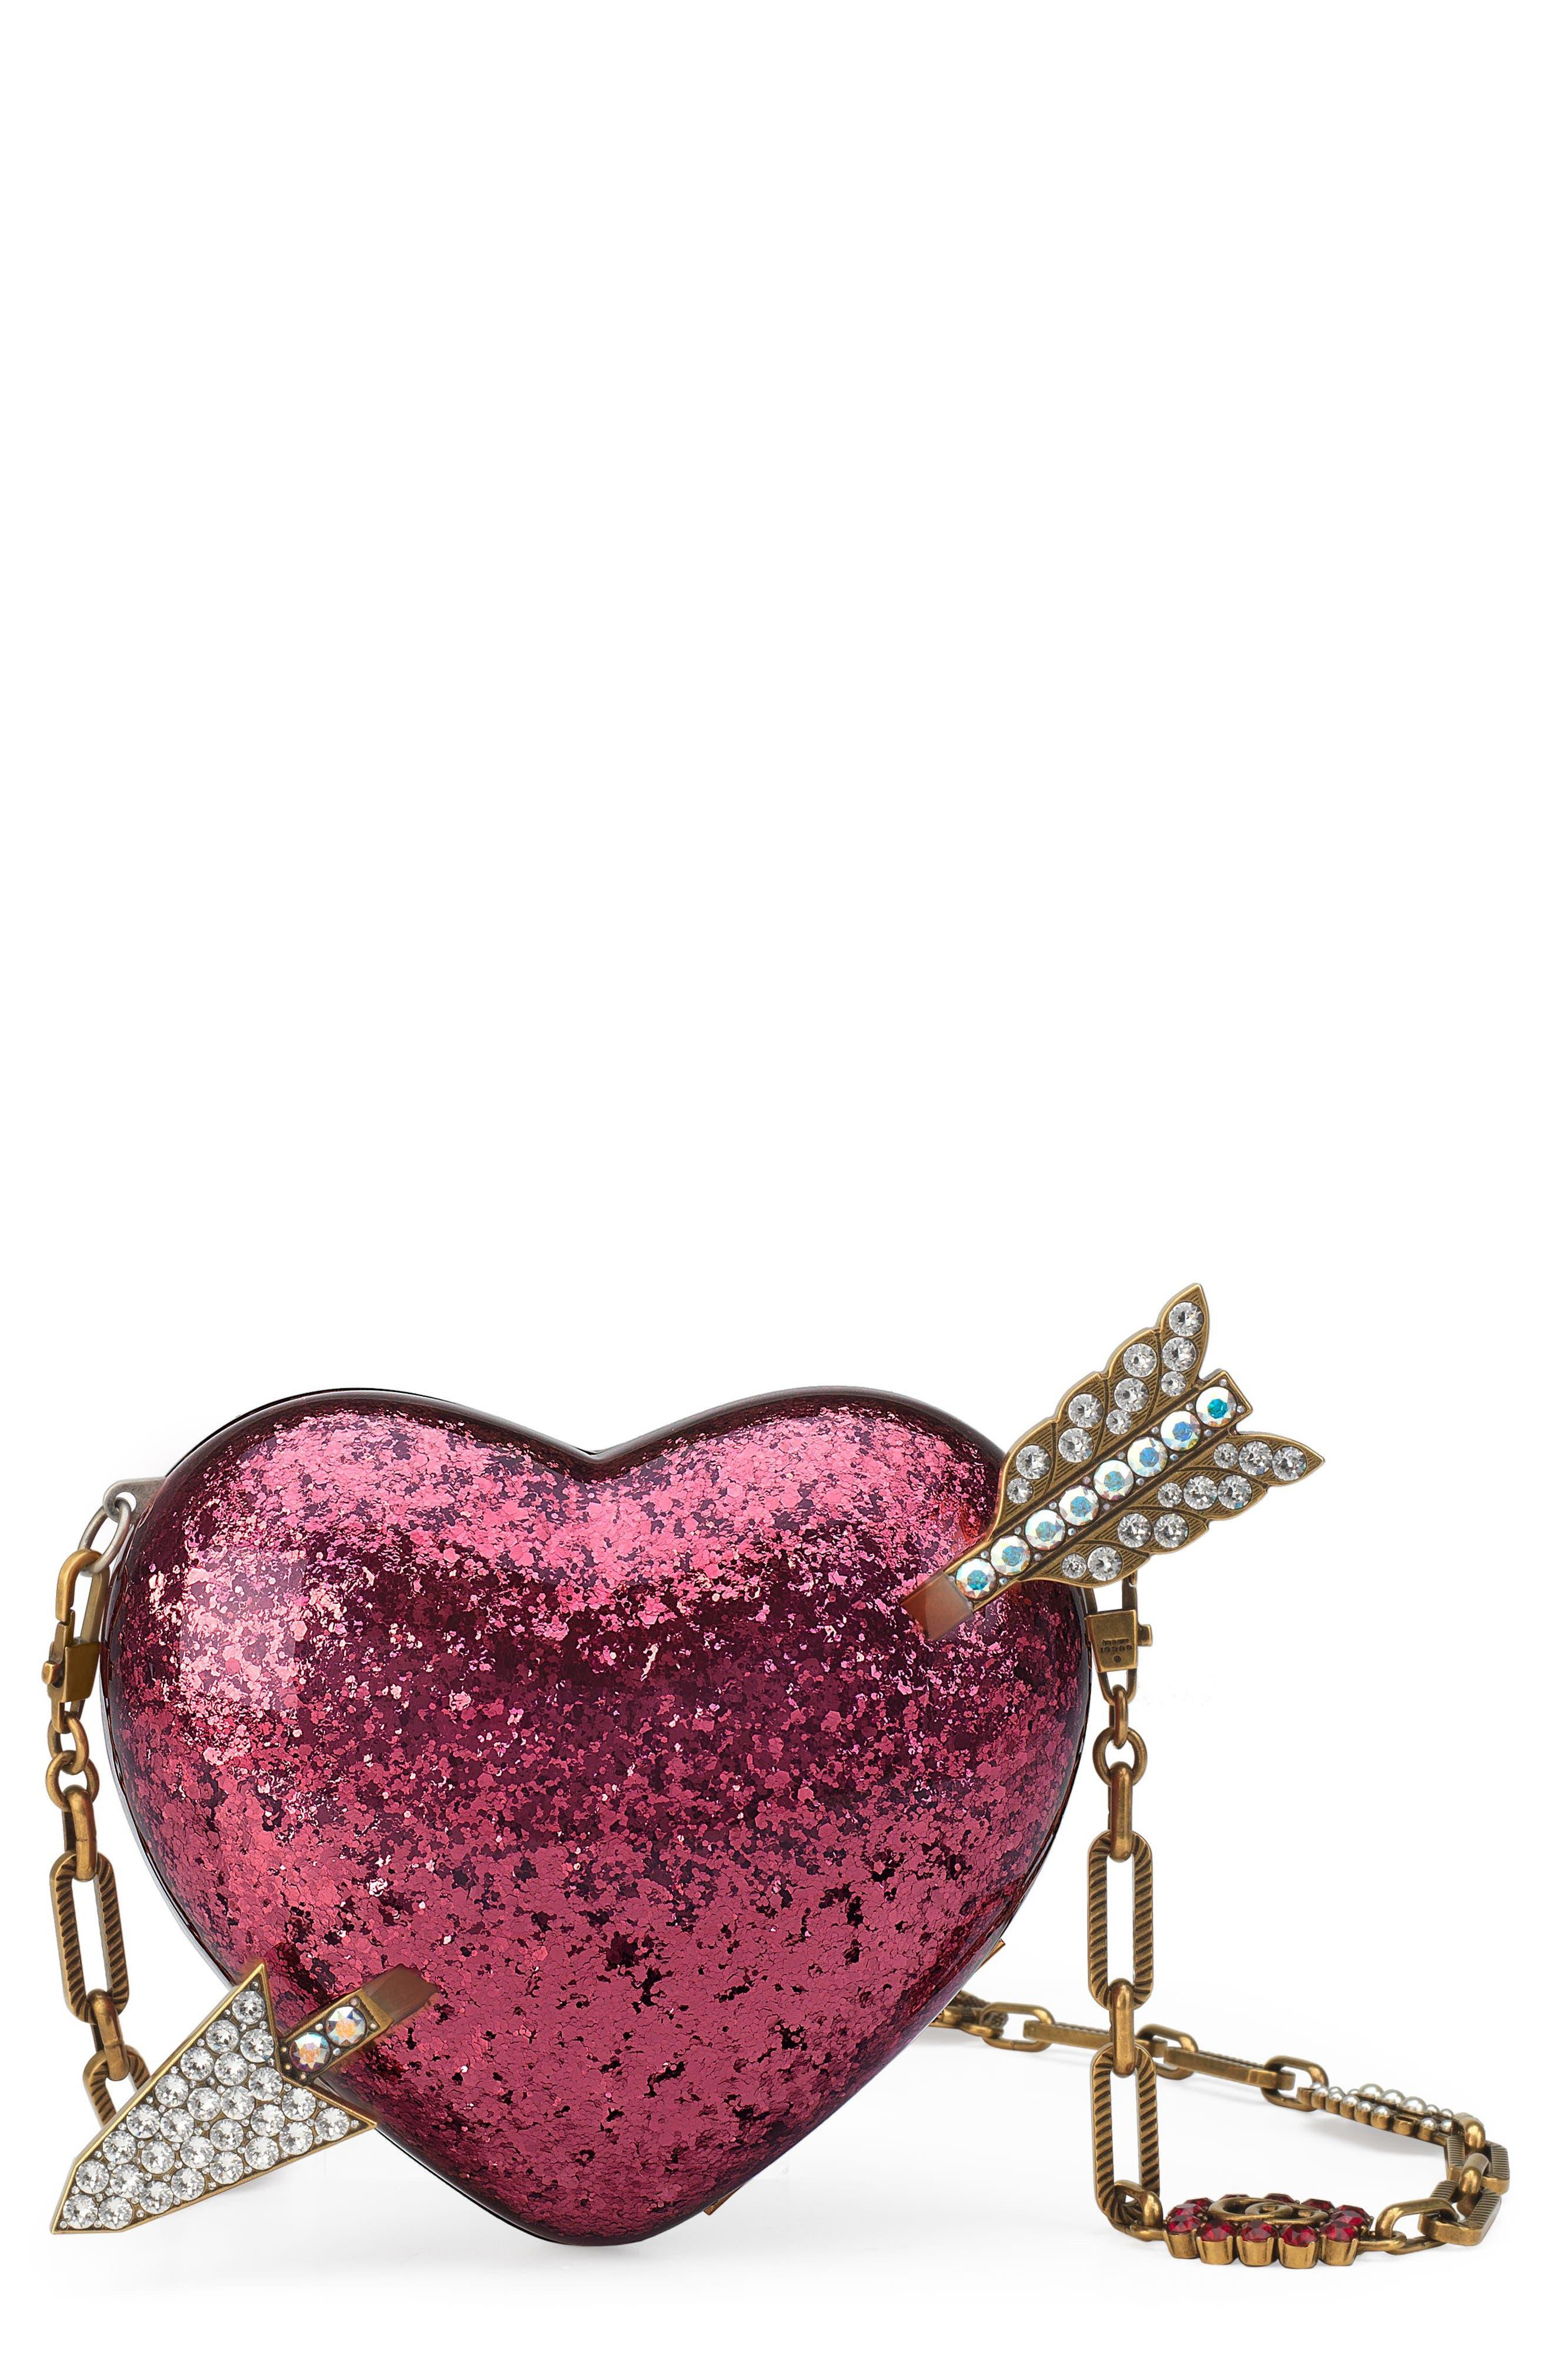 Broadway Glitter Heart Minaudière,                         Main,                         color, Fuxia Multi/ Cream